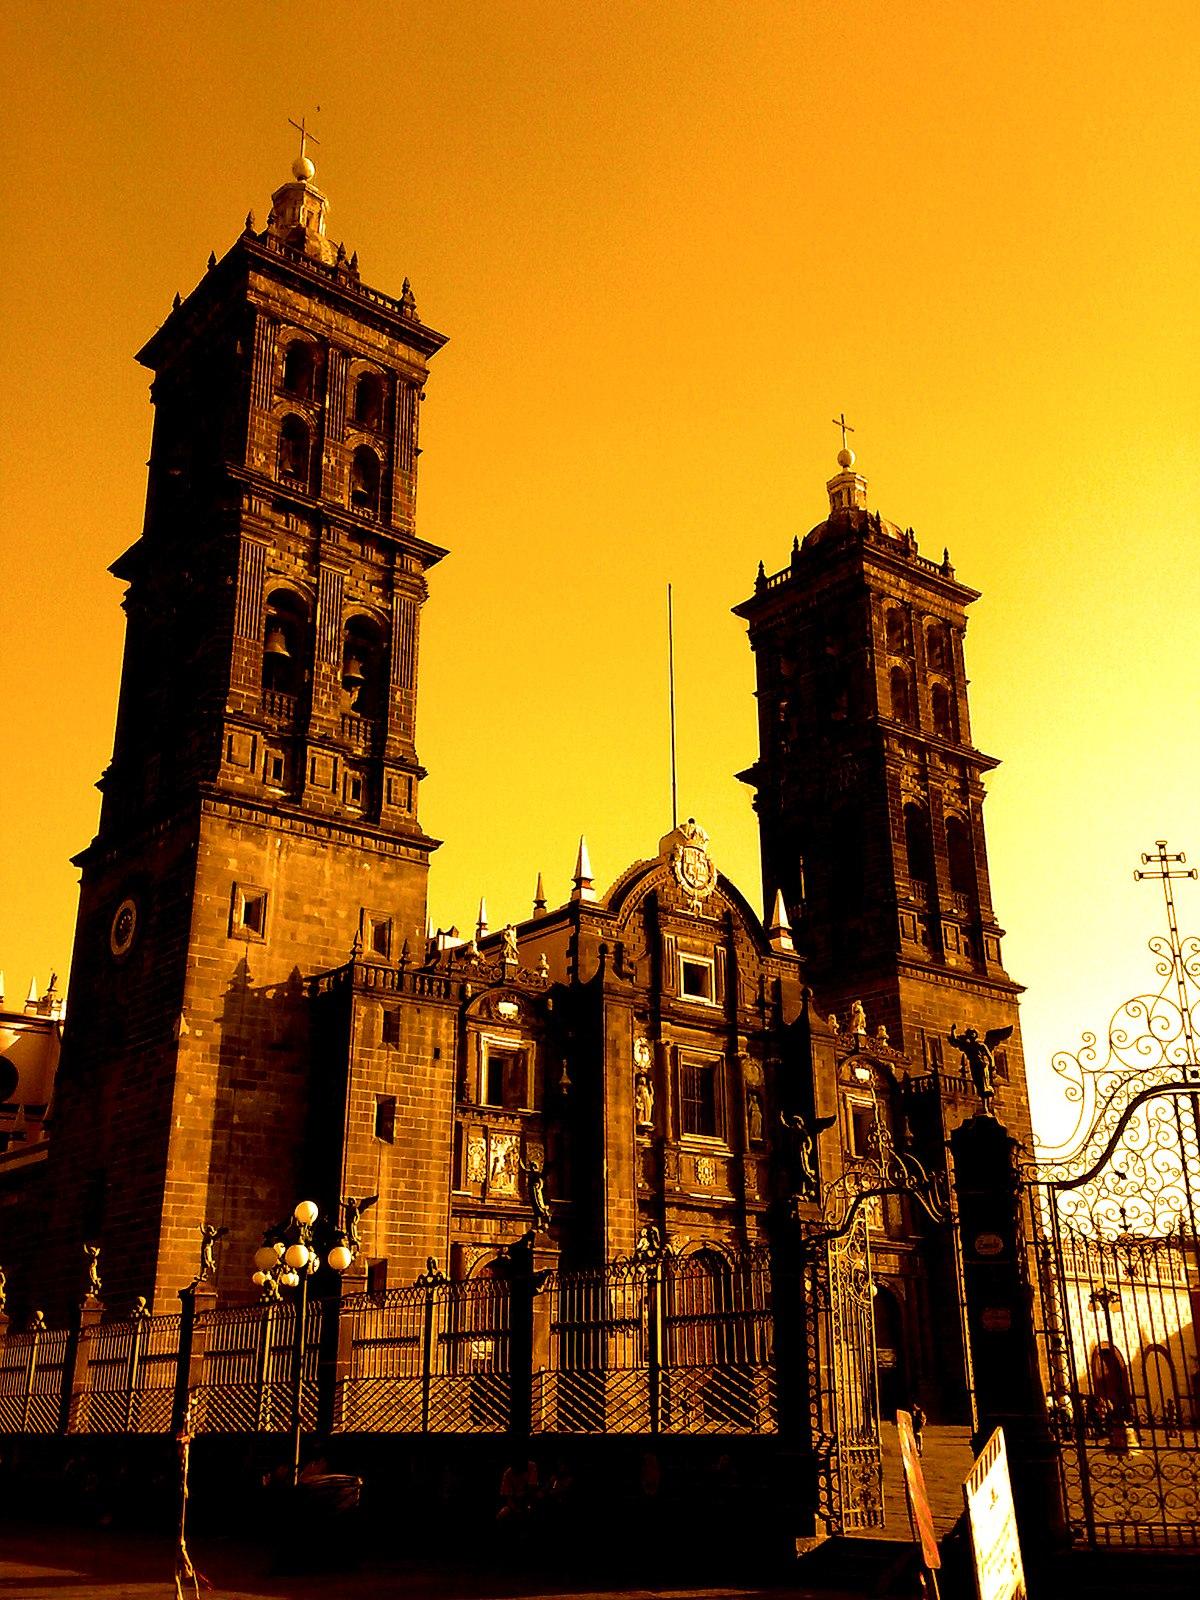 Centro histrico de Puebla  Wikipedia la enciclopedia libre